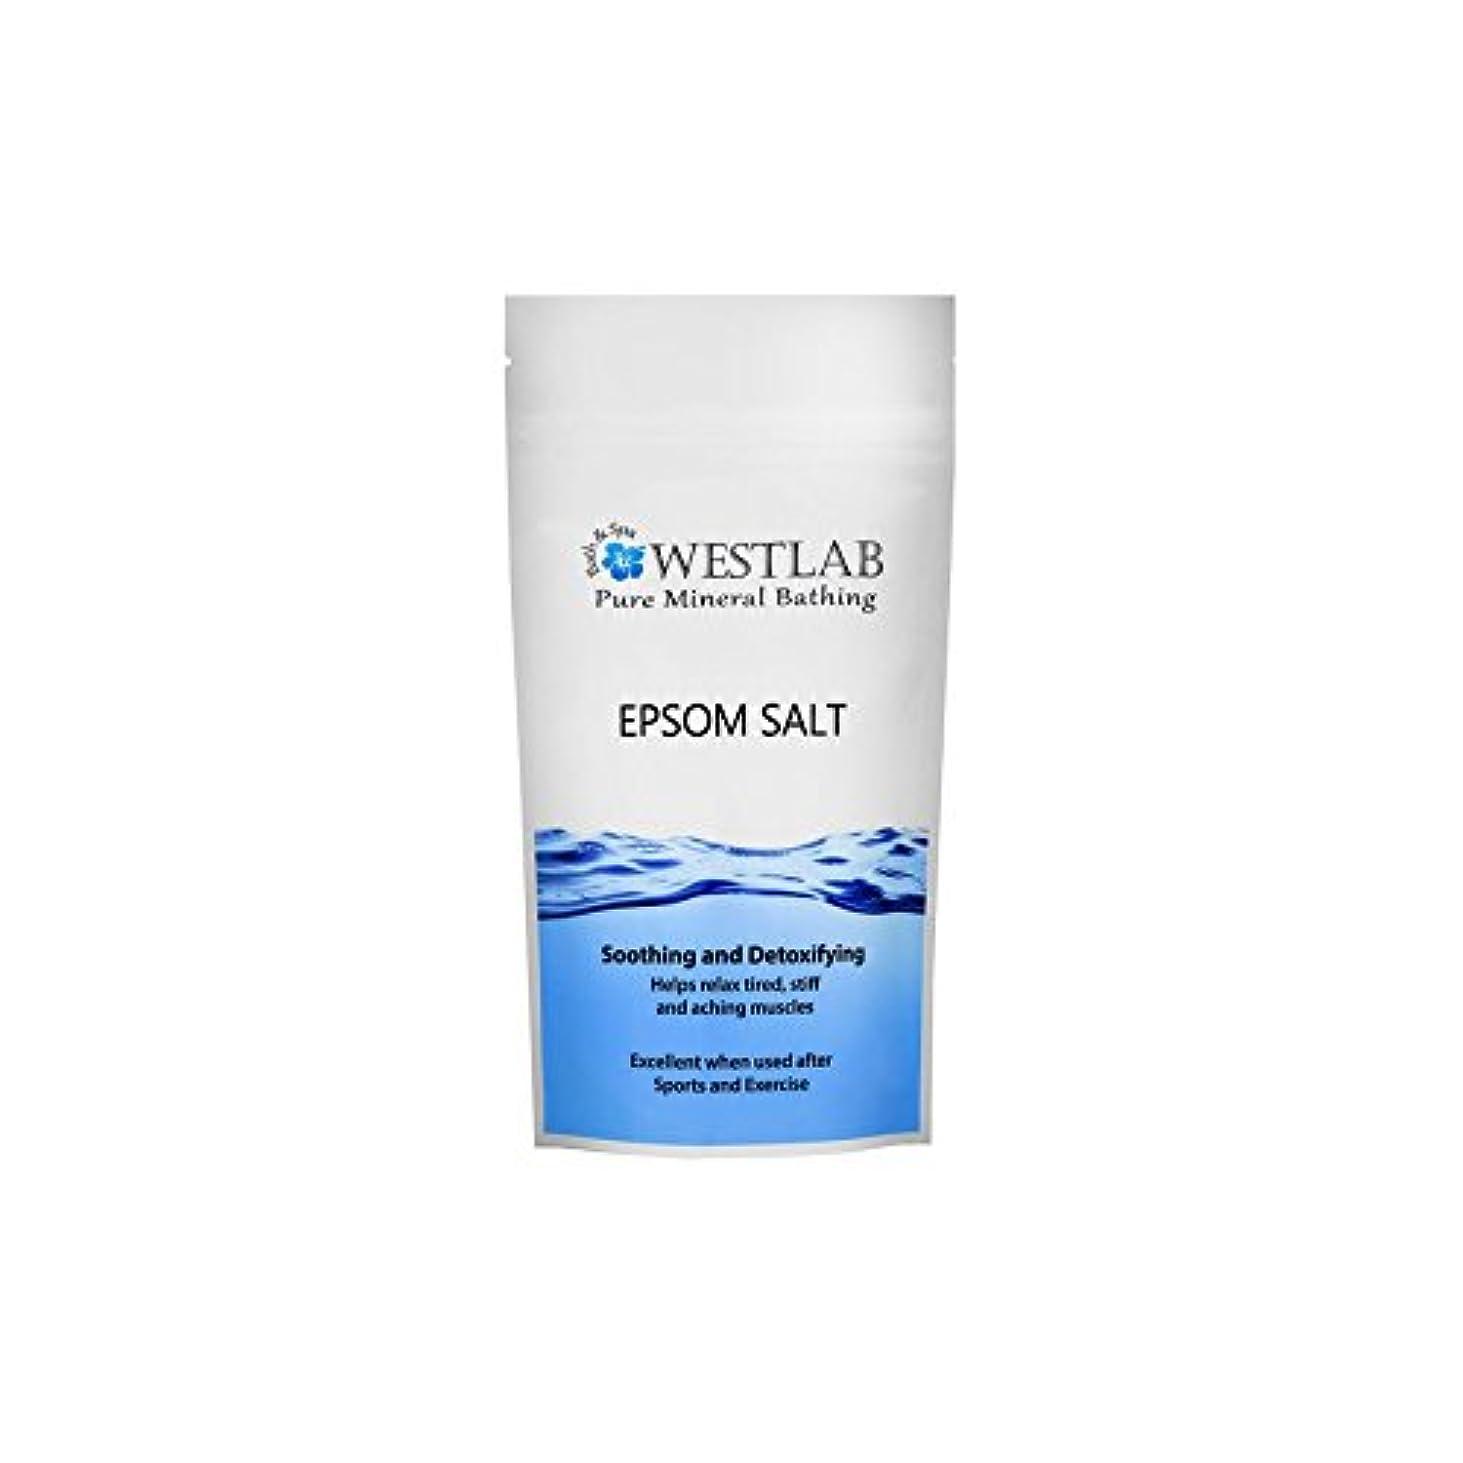 植木わがままばかエプソム塩の2キロ x4 - Westlab Epsom Salt 2kg (Pack of 4) [並行輸入品]